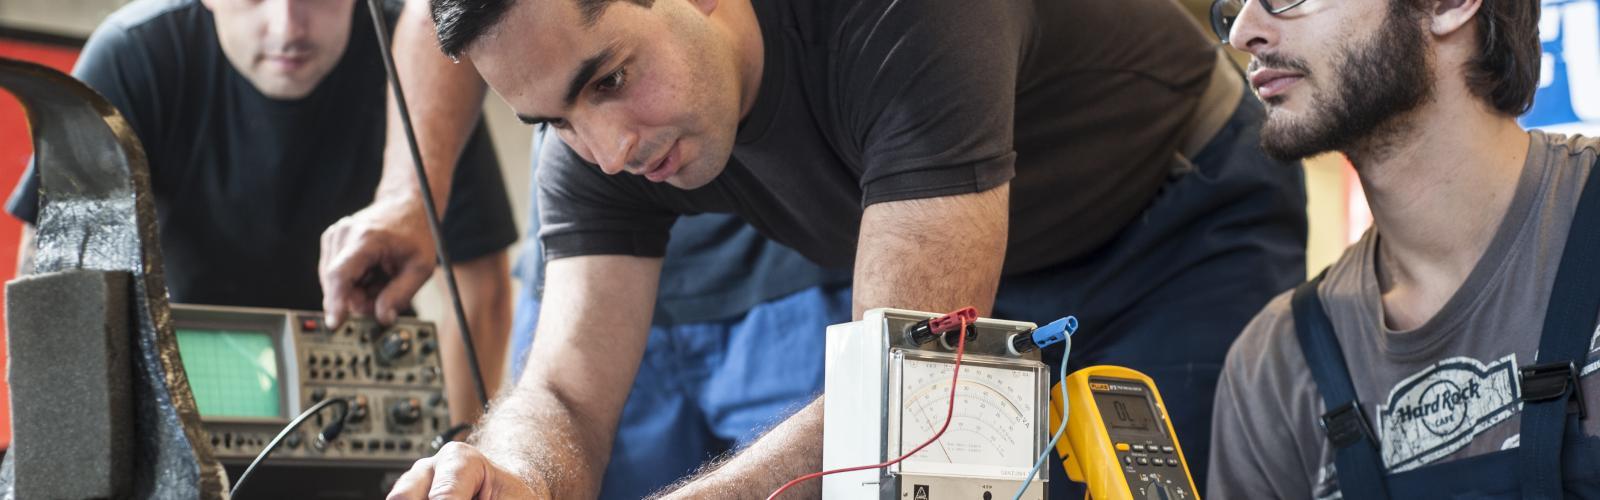 werknemer test spanning op een machine en andere collega's kijken geboeid toe